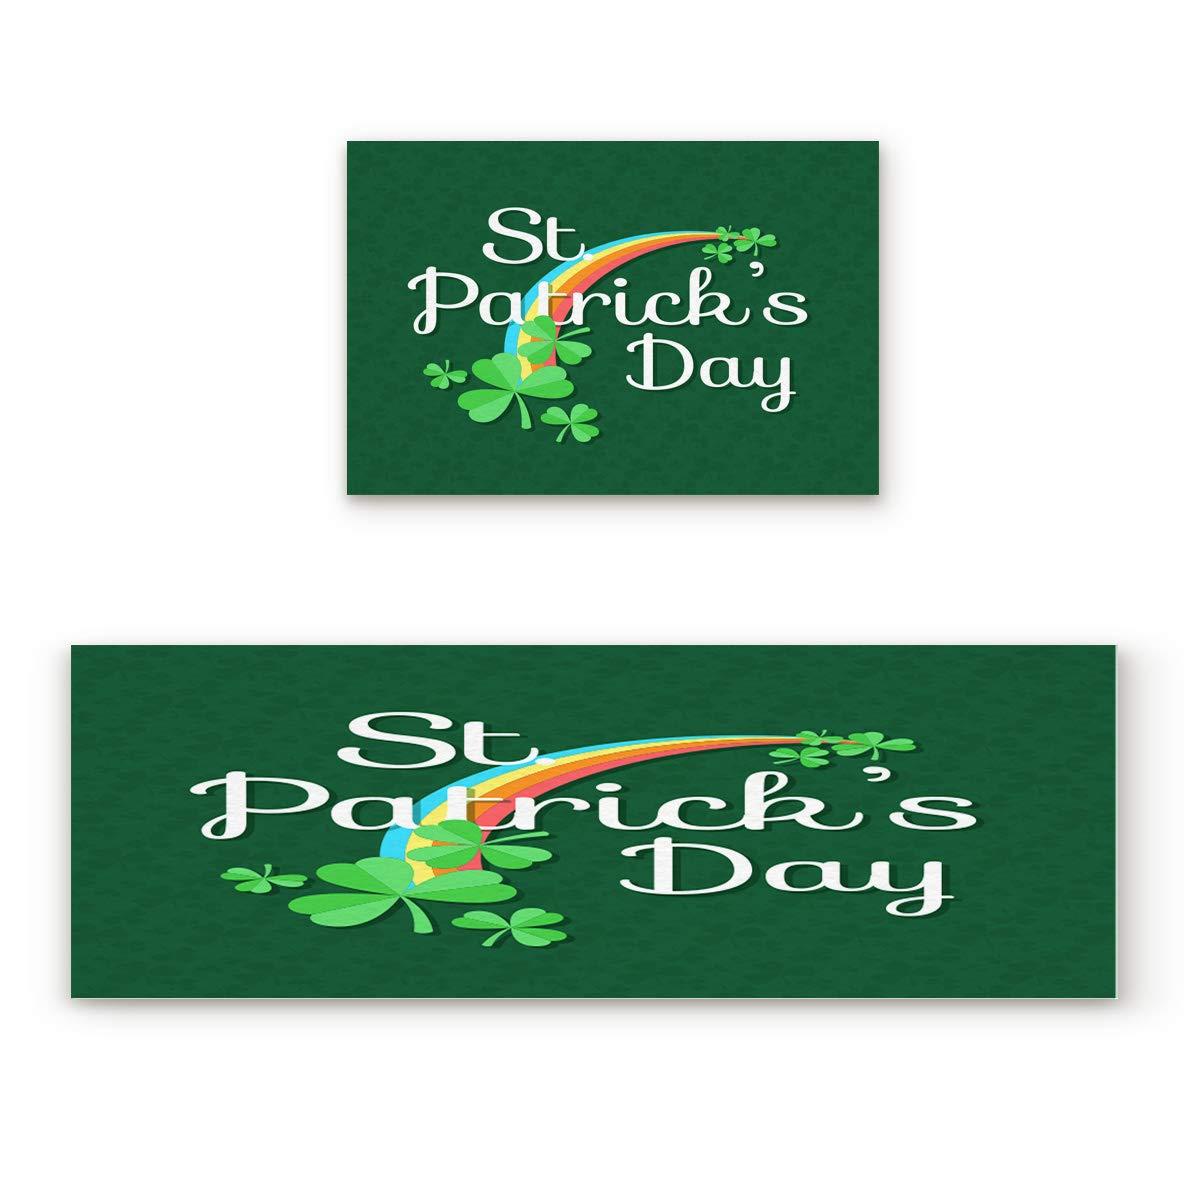 Shamrock rainbowFIY6857 23.6x35.4In+23.6x70.9In Findamy Non-Slip Indoor Door Mat Entrance Rug Rectangle Absorbent Moisture Floor Carpet for St. Patrick's Day Theme Doormat 23.6x35.4In+23.6x70.9In